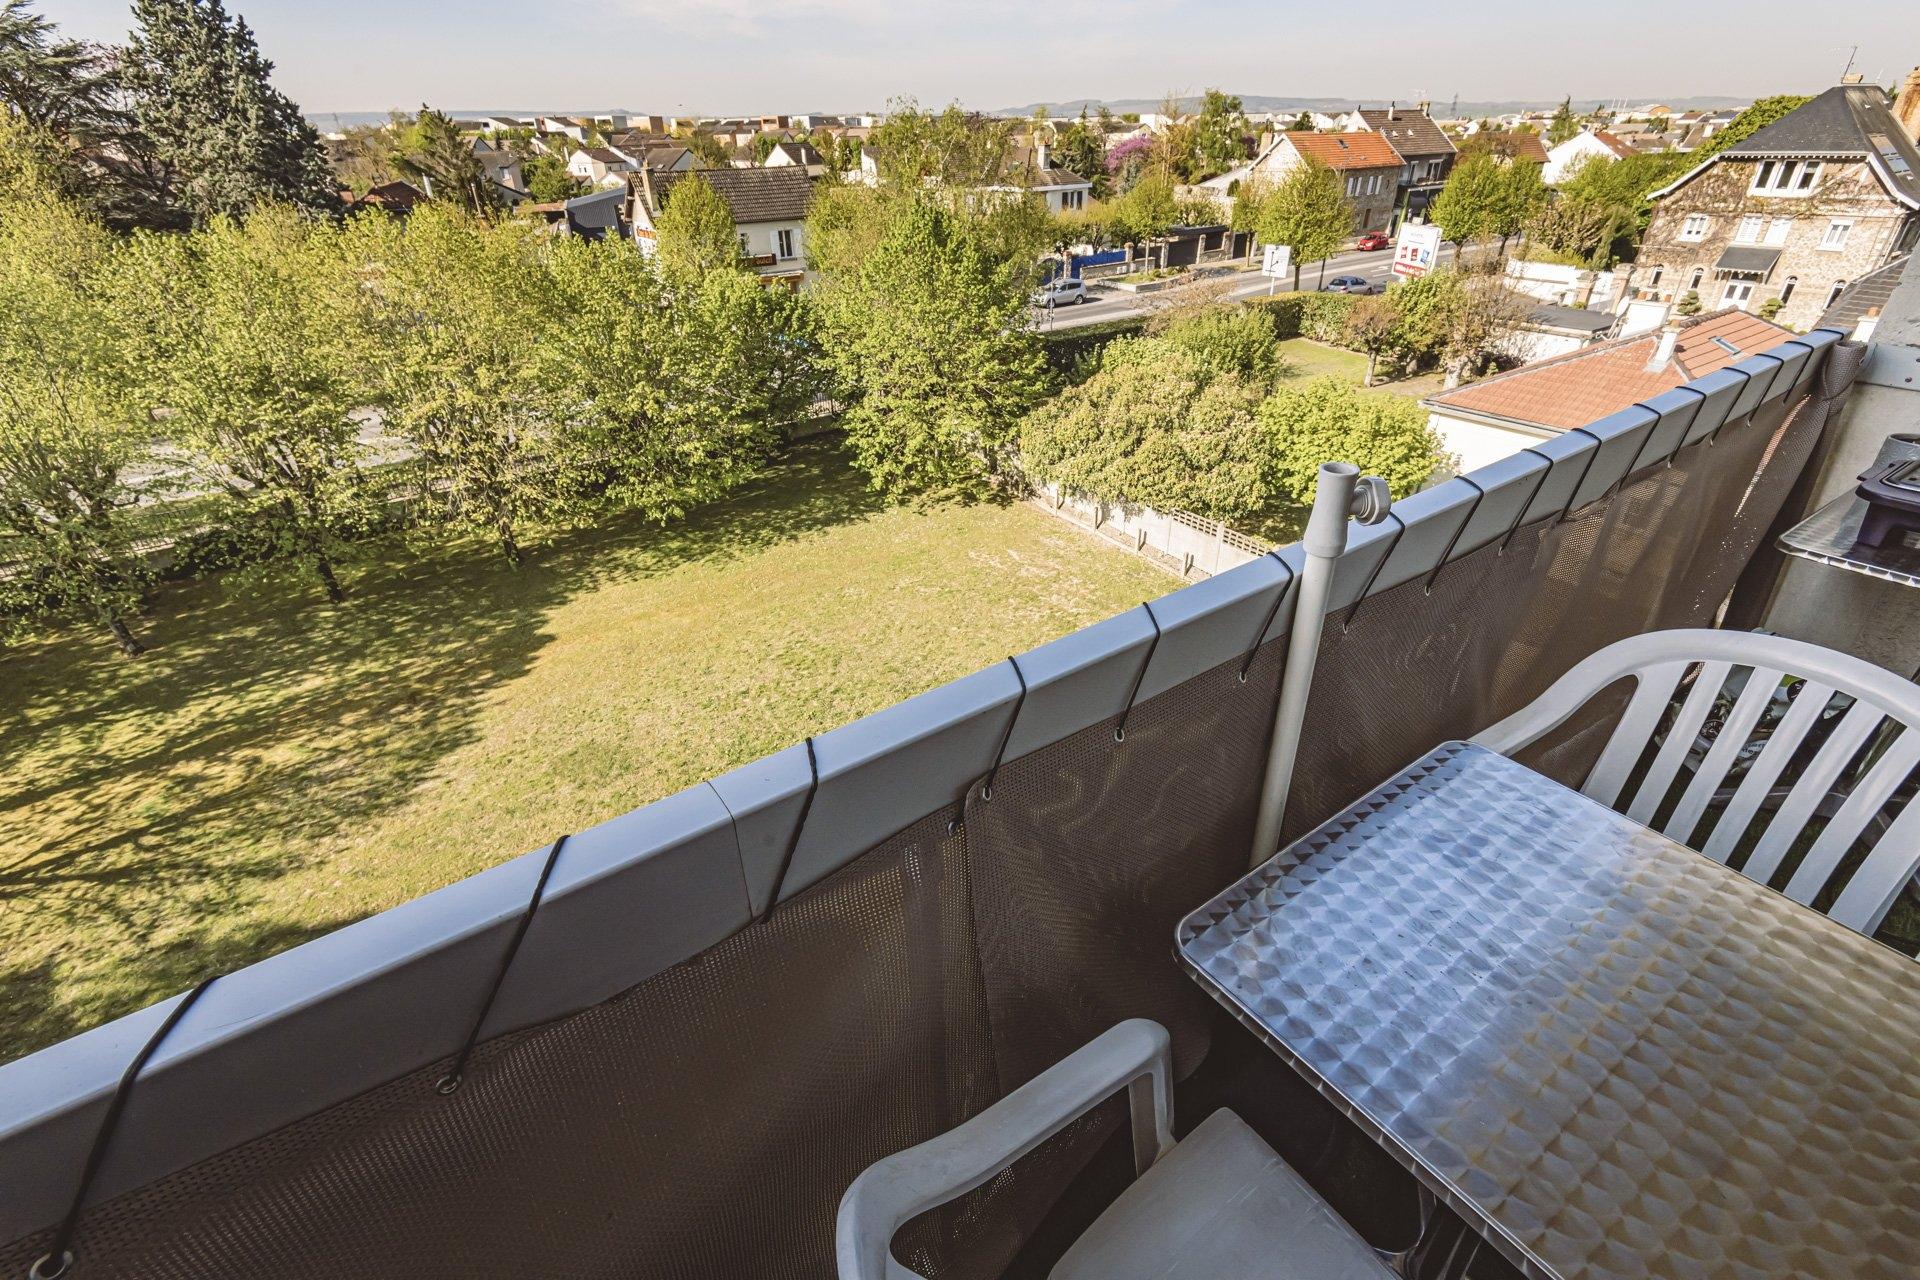 Appartement Tinqueux 4 Pièces 61.88 m2 - Balcon - 7